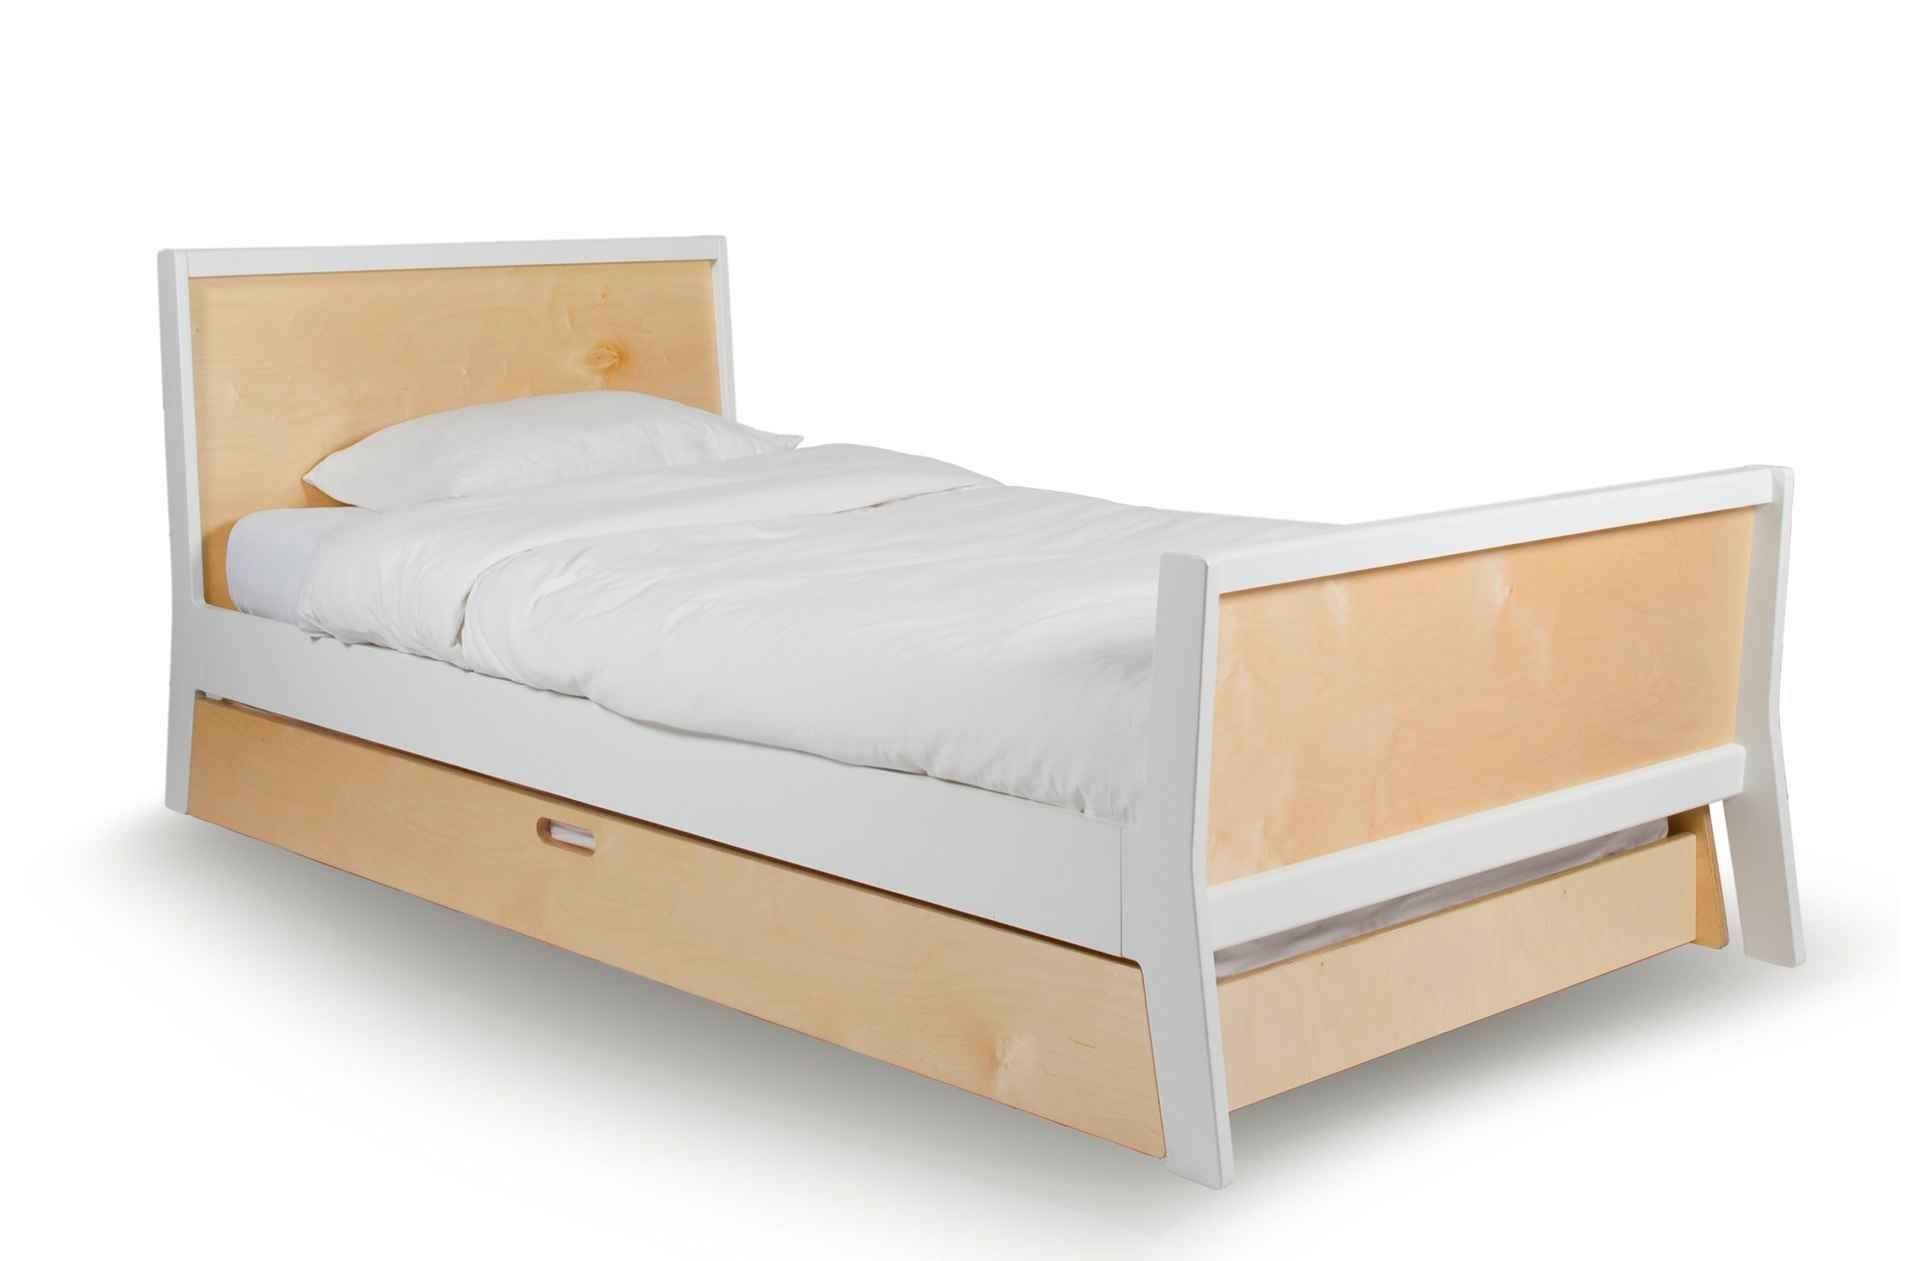 Pop Up Trundle Bed | Feel The Home | w i s h . l i s t | Pinterest